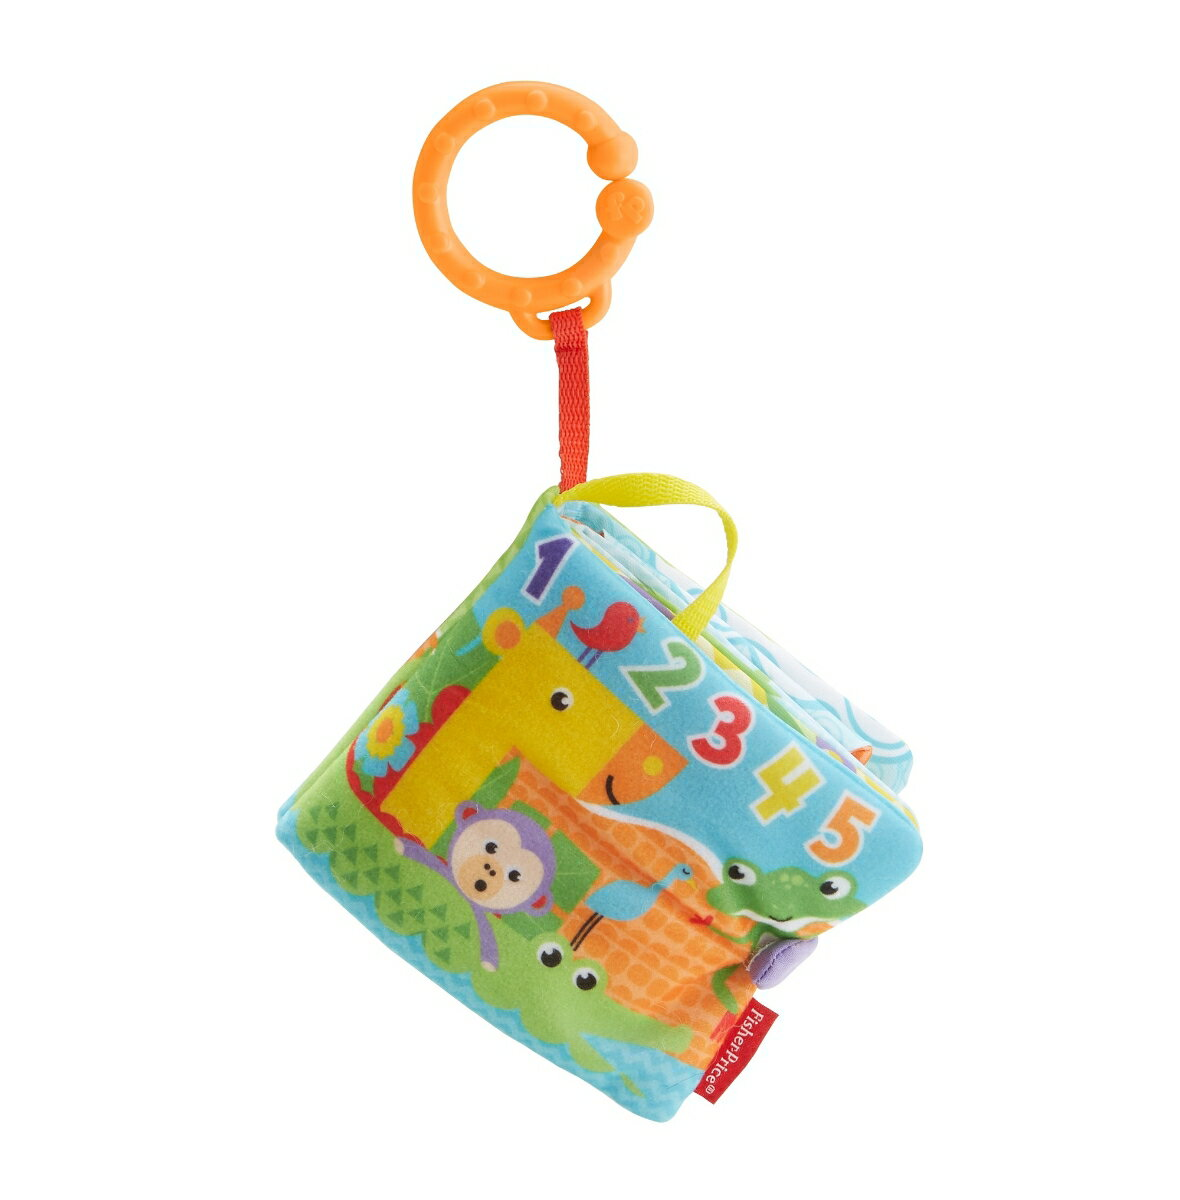 フィッシャープライス シグニチャーシリーズ おでかけ布えほん 赤ちゃん 幼児 布のおもちゃ 指遊び 歯がため ベビーカー用おもちゃ FGJ40